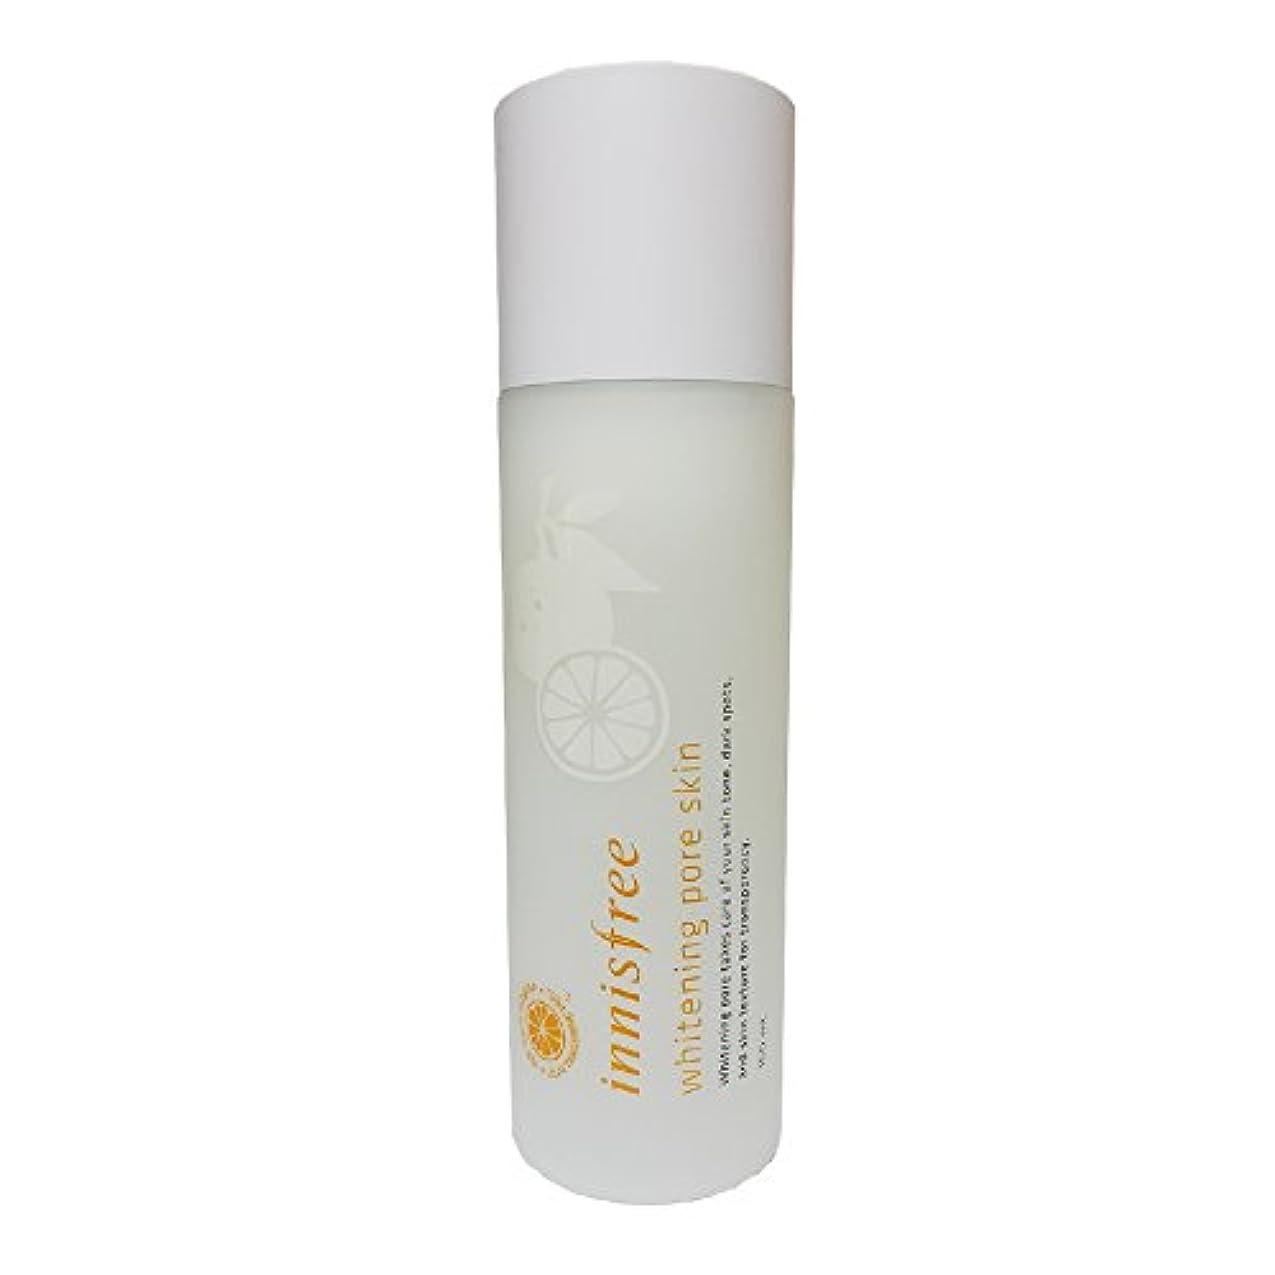 セッション批判本[イニスフリー] Innisfree ホワイトニング毛穴スキン (150ml) Innisfree Whitening Pore Skin(150ml) [海外直送品]